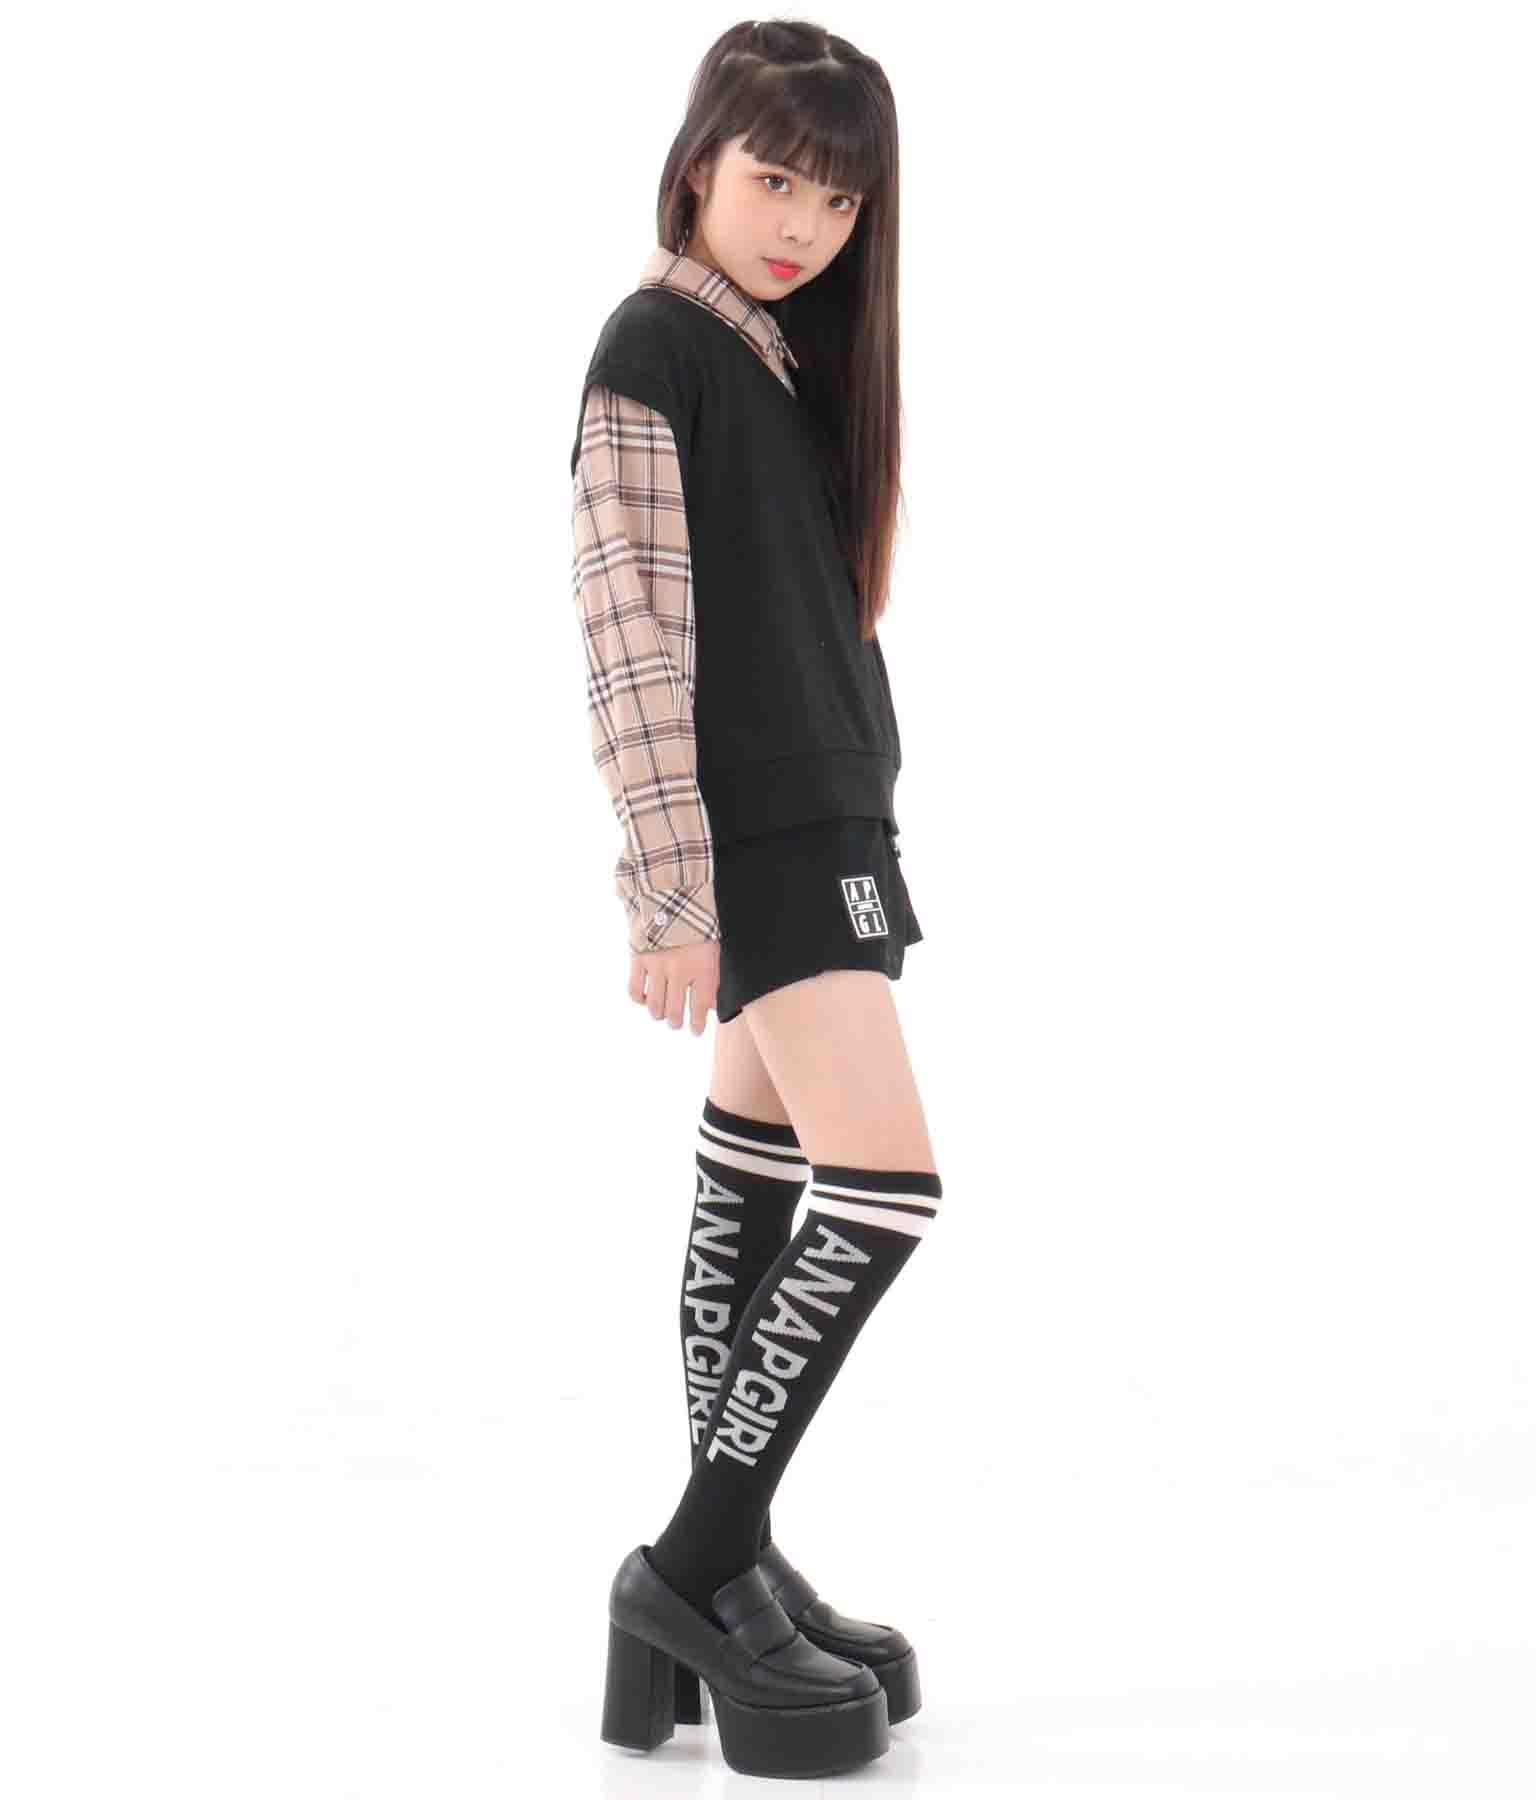 ライン入りハイソックス(ファッション雑貨/ソックス・靴下) | ANAP GiRL